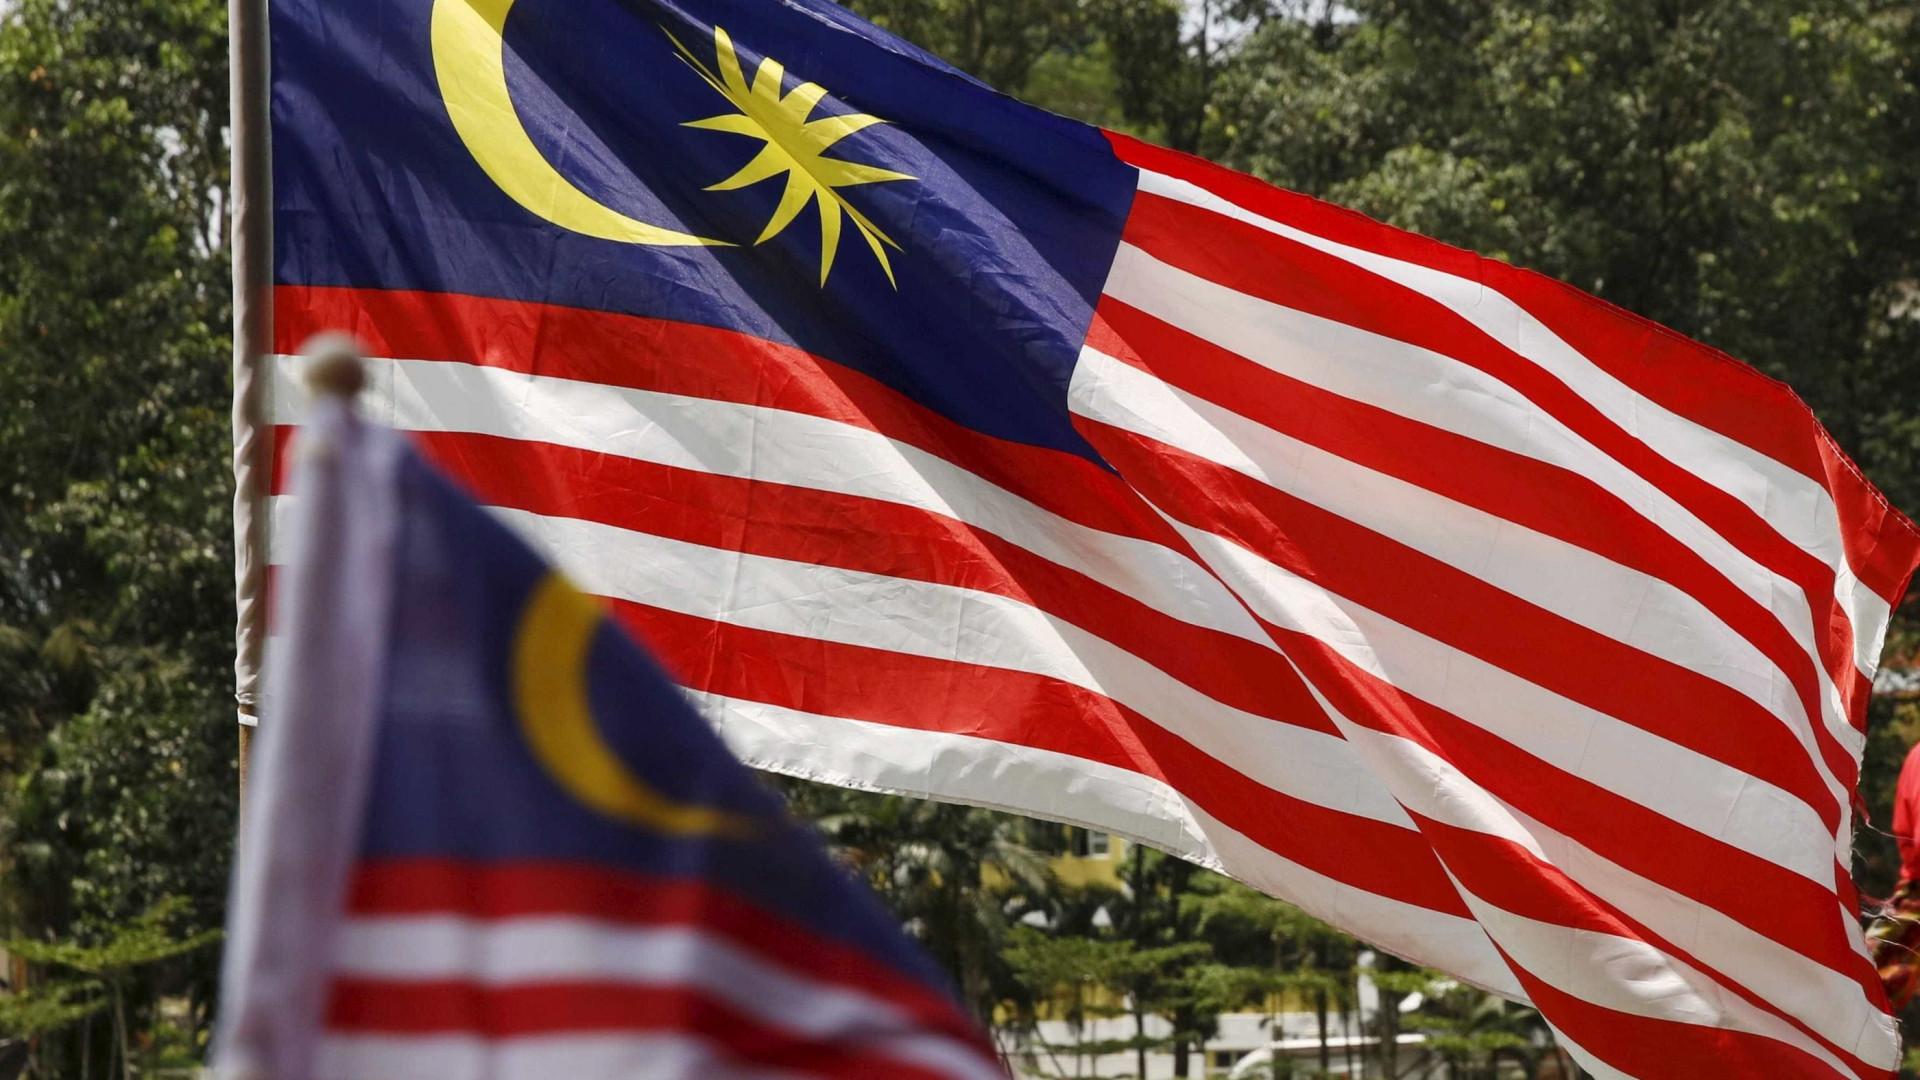 Seis mergulhadores morrem tentando resgatar adolescente na Malásia